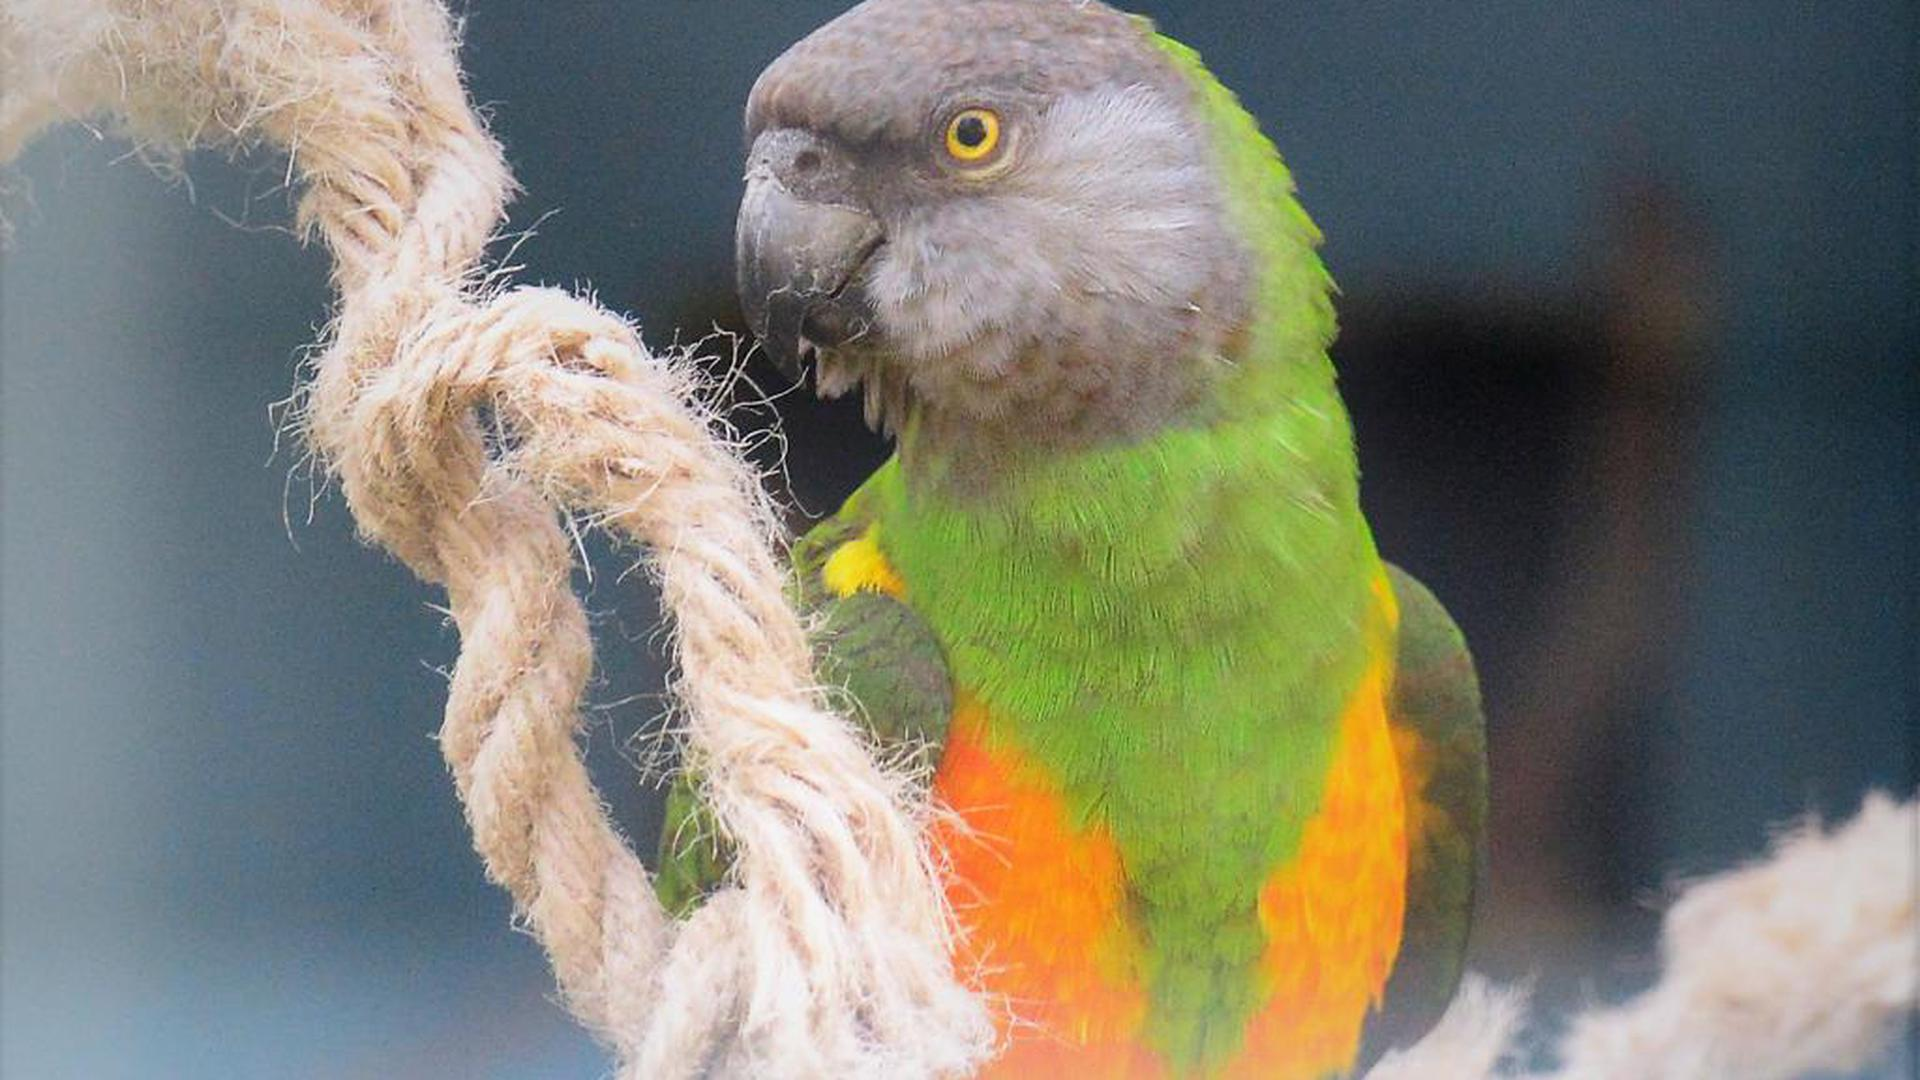 Unbekannte haben mehrere Vögel im Neureuter Vogelpark gestohlen., unter anderem diesen Mohrenkopfpapagei.